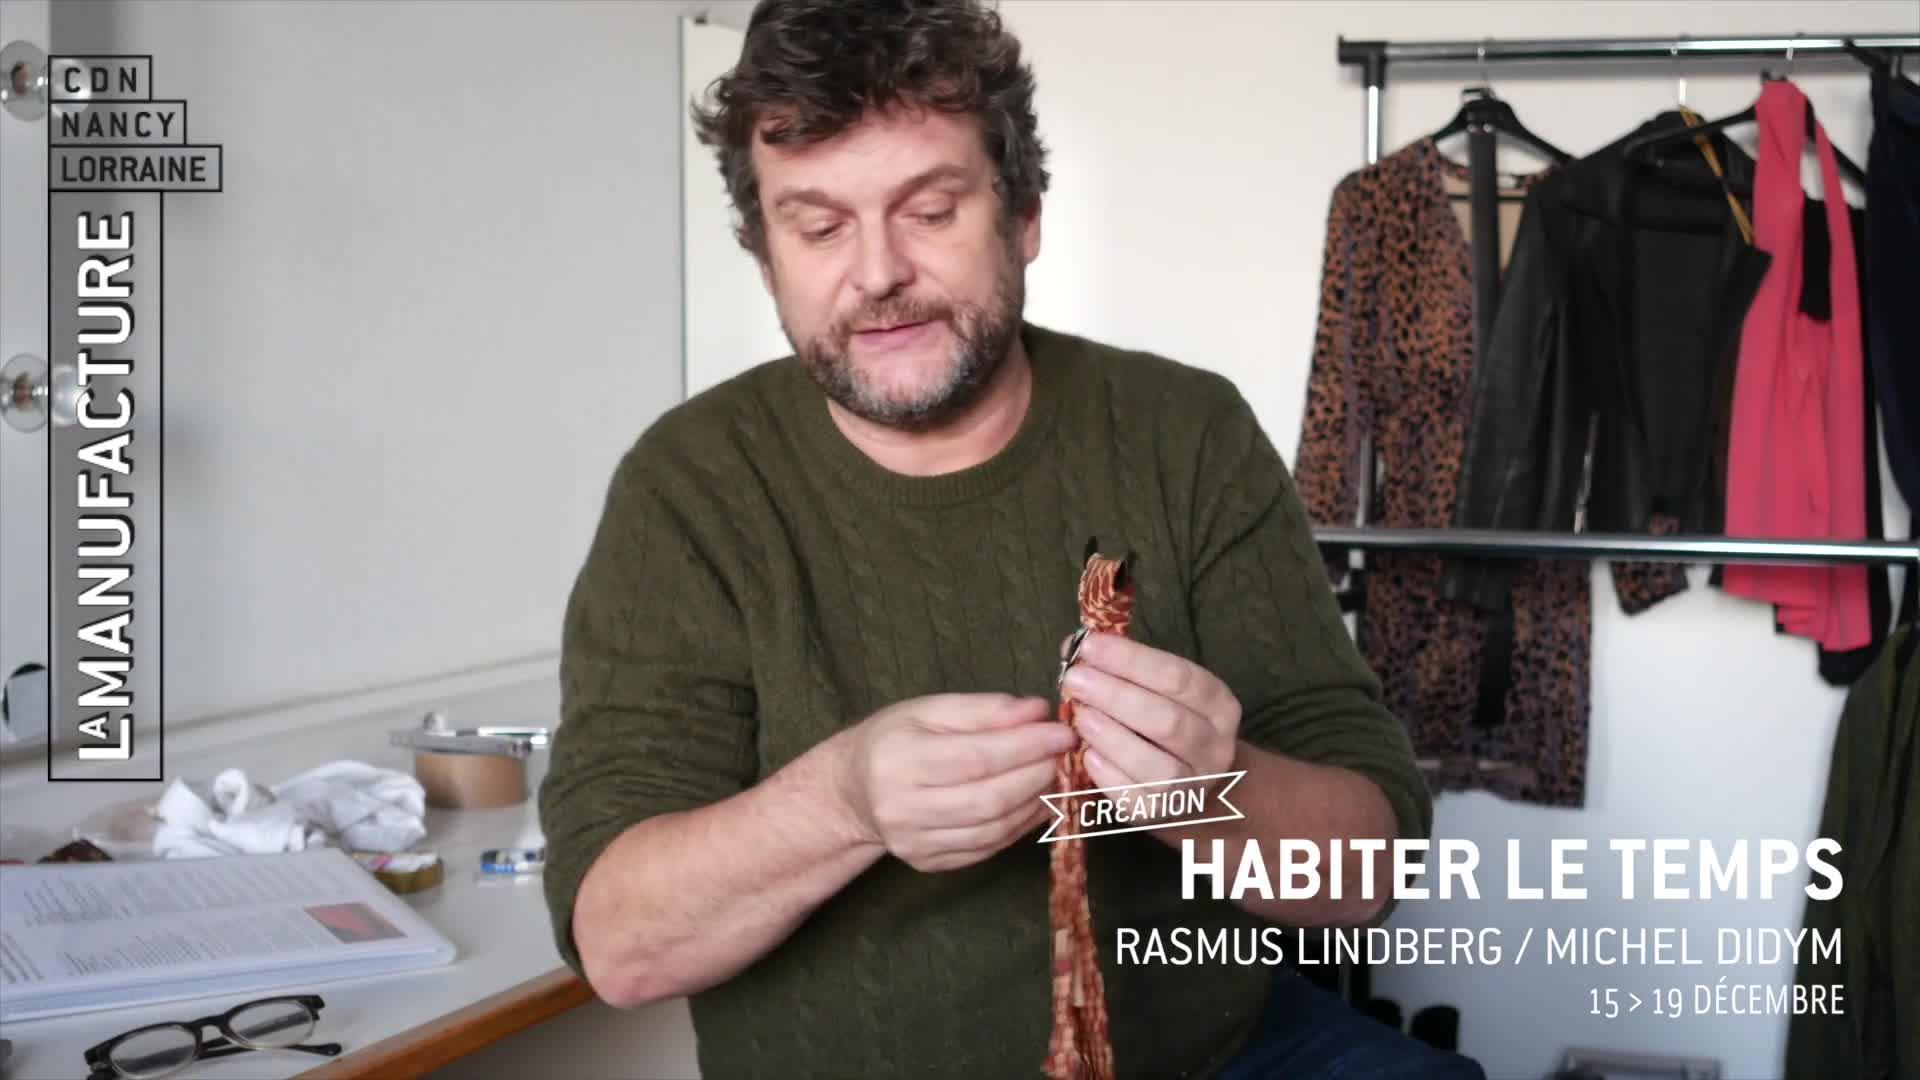 """Vidéo """"Habiter le temps"""" - Rasmus Lindberg/Michel Didym - Carnet de création #2"""